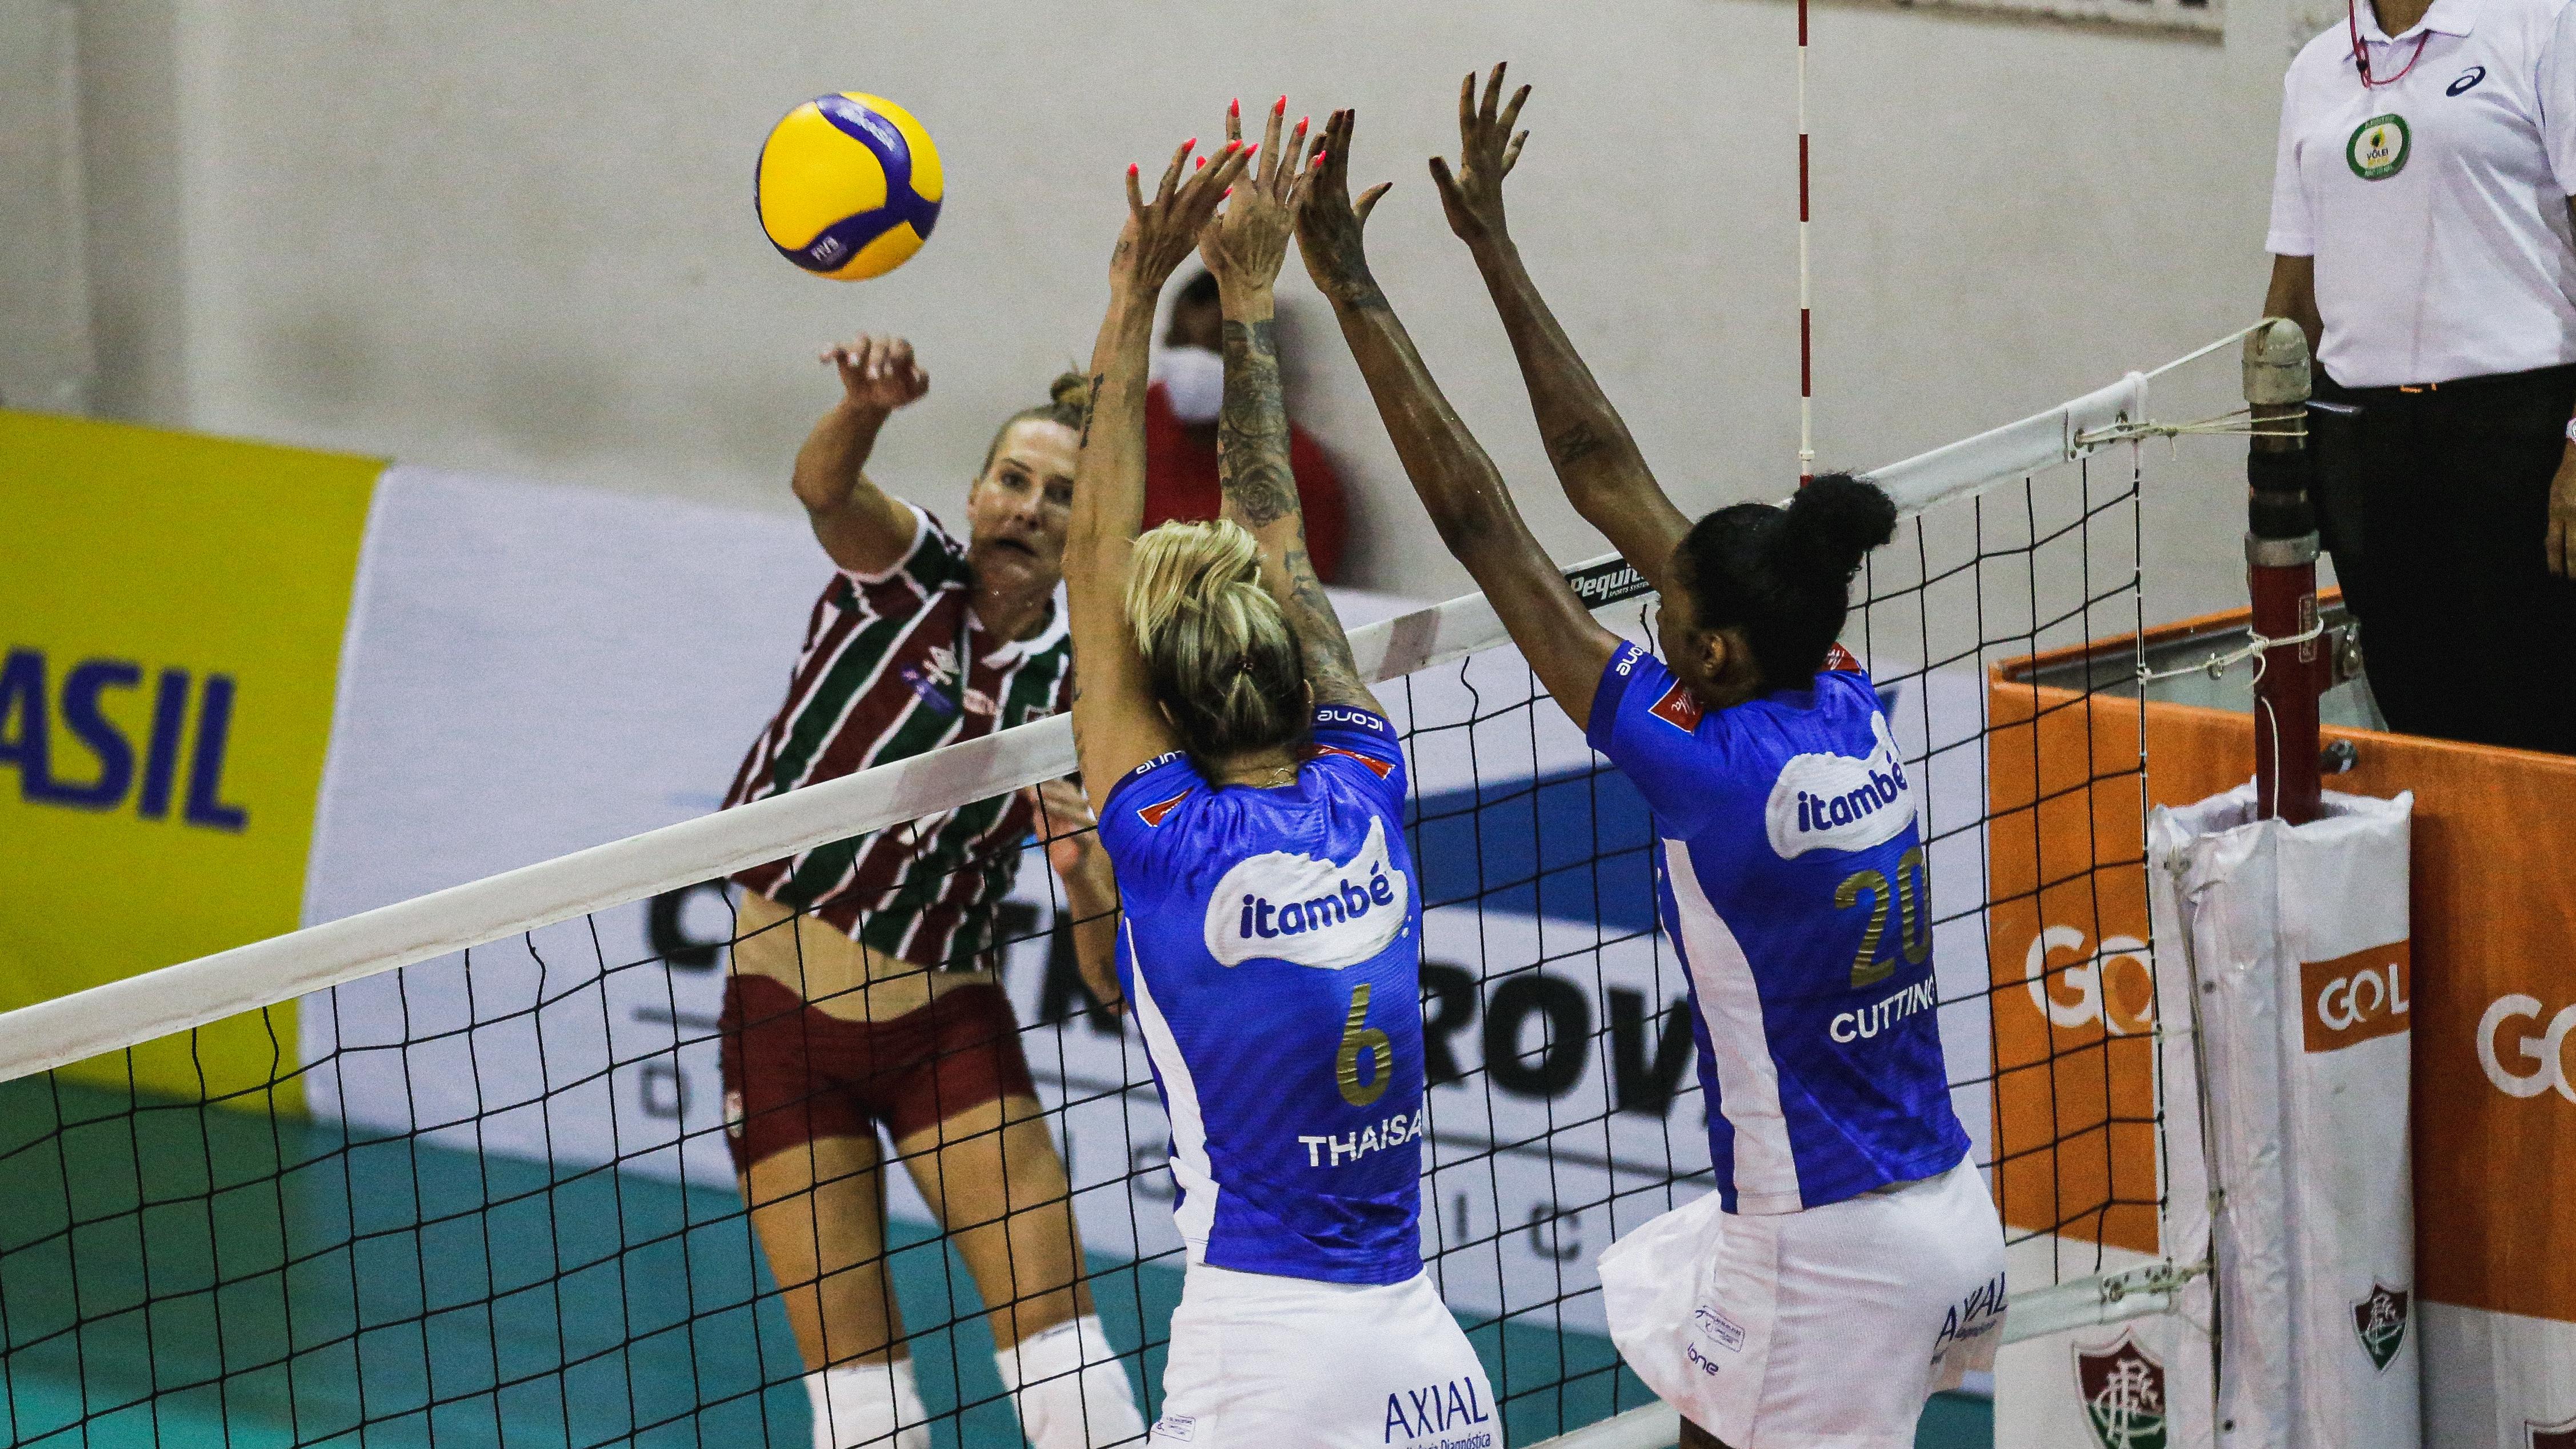 Thaisa e Cuttino foram as principais pontuadoras do jogo (Foto: Lucas Merçon/Fluminense F.C.)